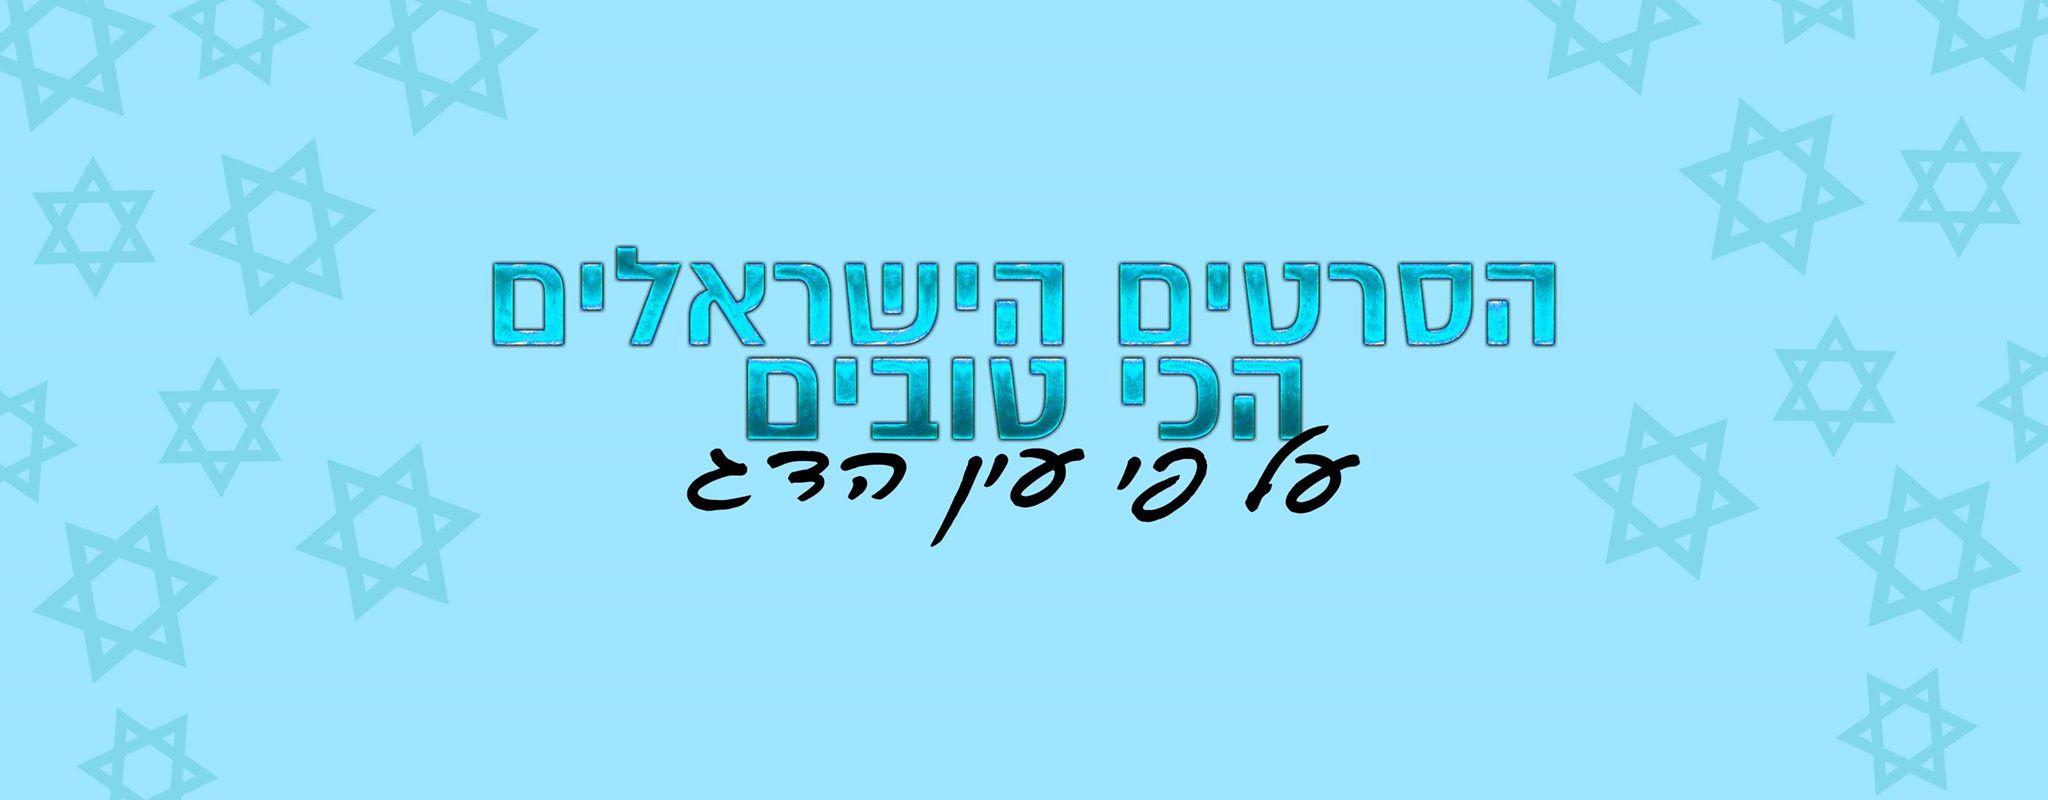 מגבעה 24 אינה עונה ועד מילים נרדפות - בואו לבחור את הסרטים הישראלים הטובים ביותר של כל הזמנים.